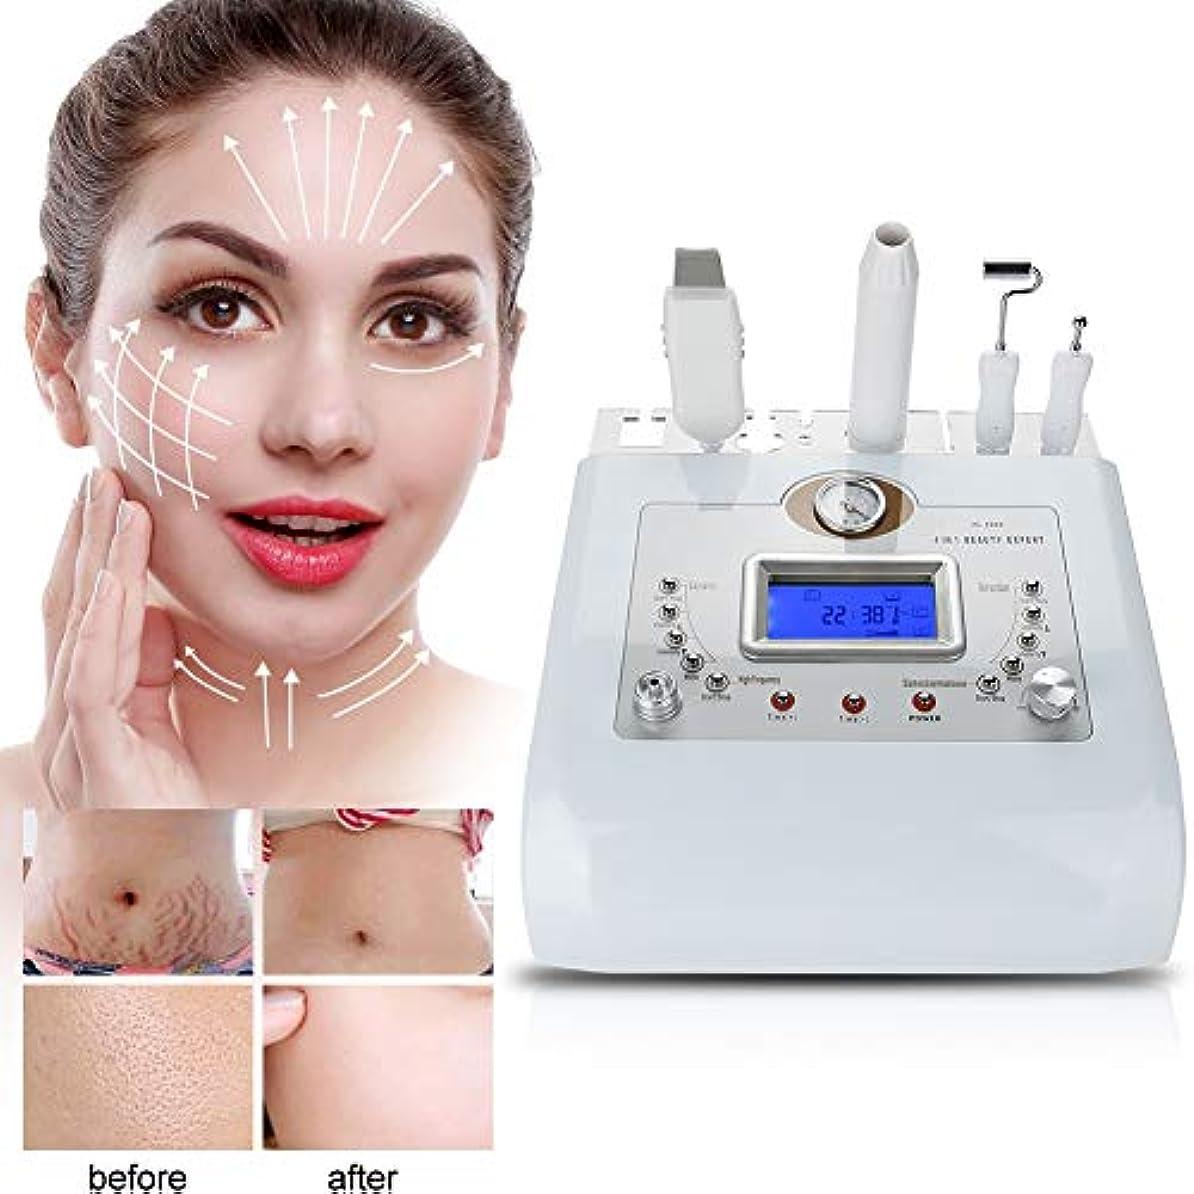 梨発音なす4-in-1ダイヤモンド皮膚剥離美容機、SPA用美容室用機器トナー、RF +超音波+スキンスクラバー+ EMS電気治療 (白)